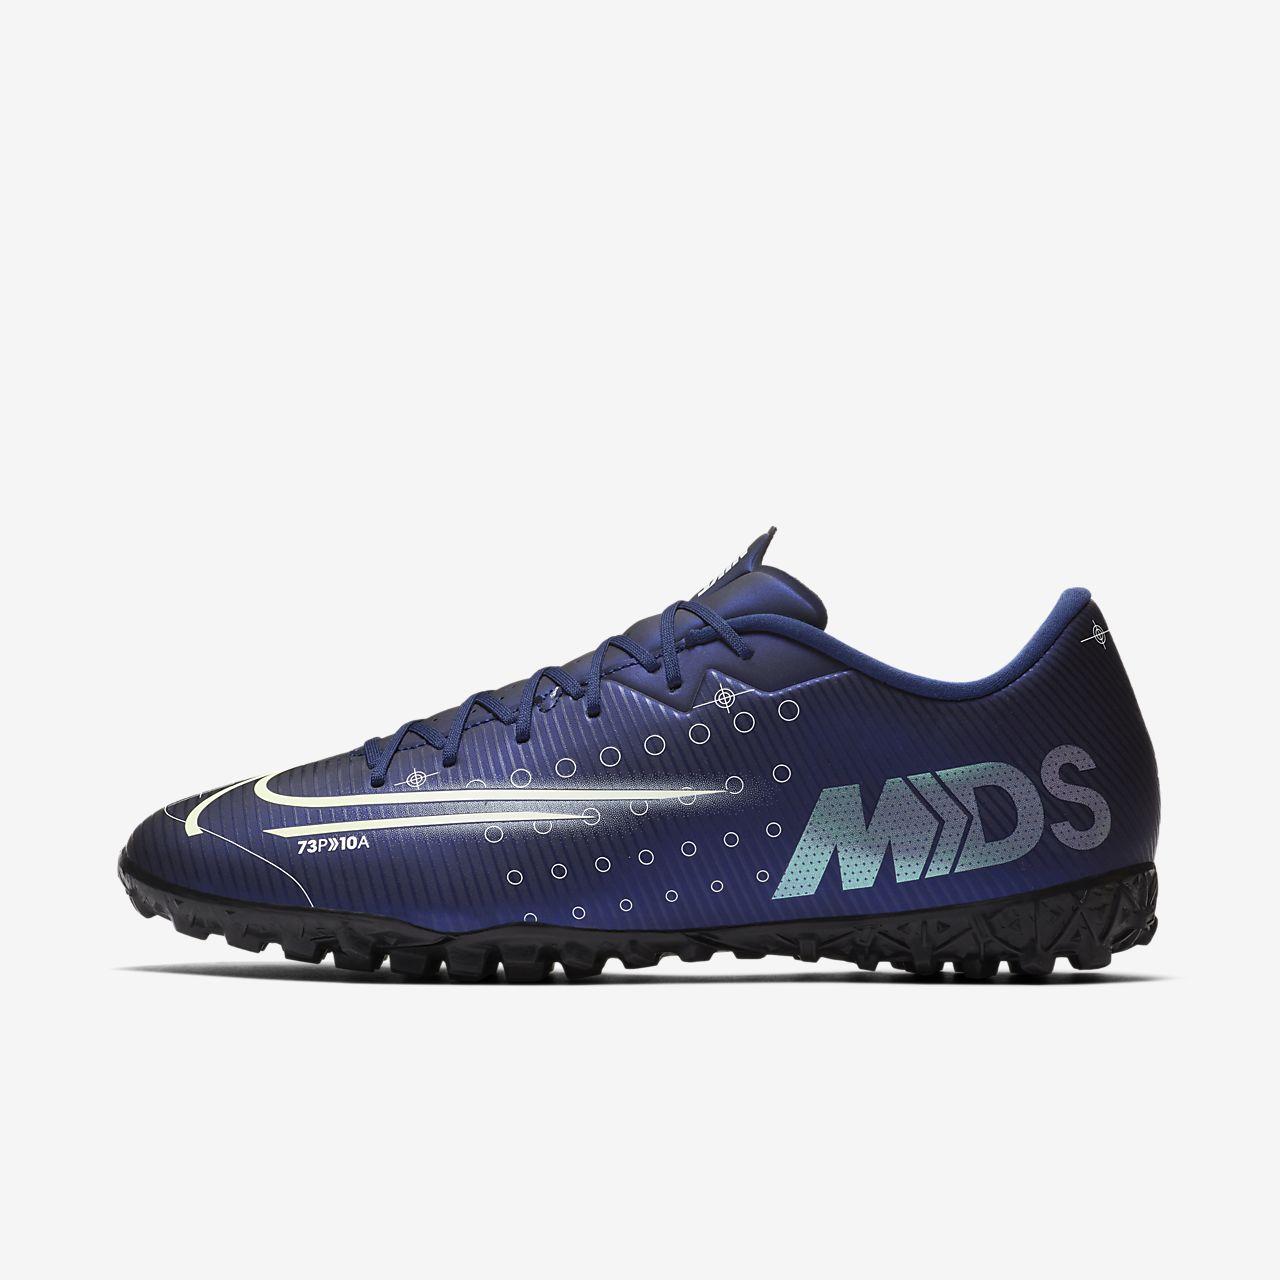 รองเท้าฟุตบอลสำหรับพื้นหญ้าเทียม Nike Mercurial Vapor 13 Academy MDS TF